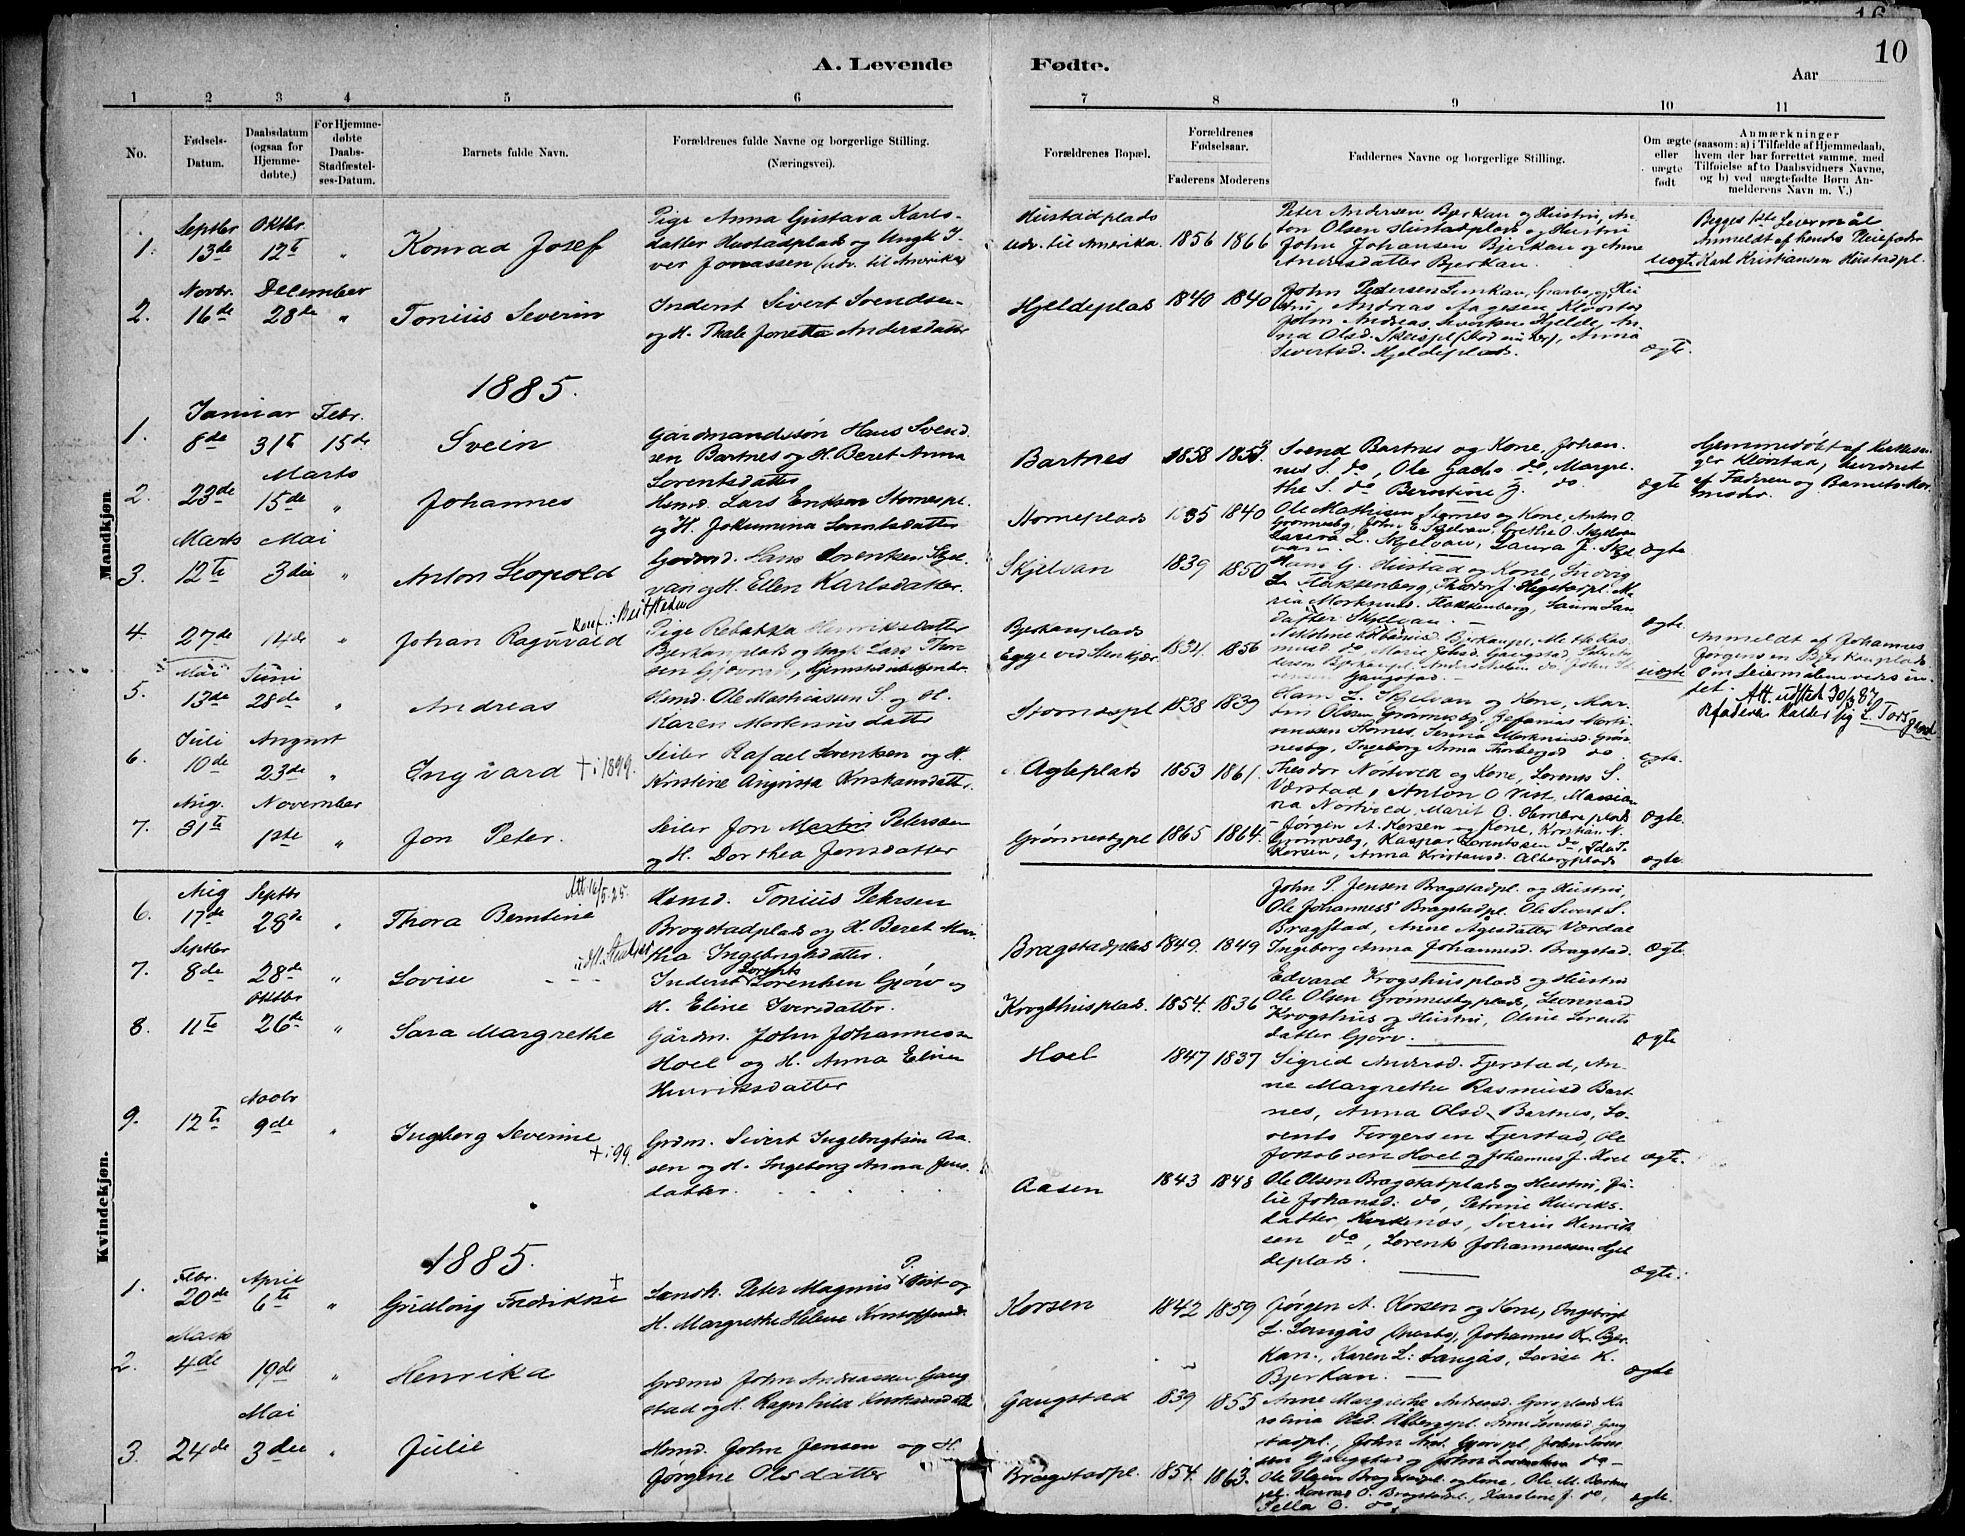 SAT, Ministerialprotokoller, klokkerbøker og fødselsregistre - Nord-Trøndelag, 732/L0316: Ministerialbok nr. 732A01, 1879-1921, s. 10